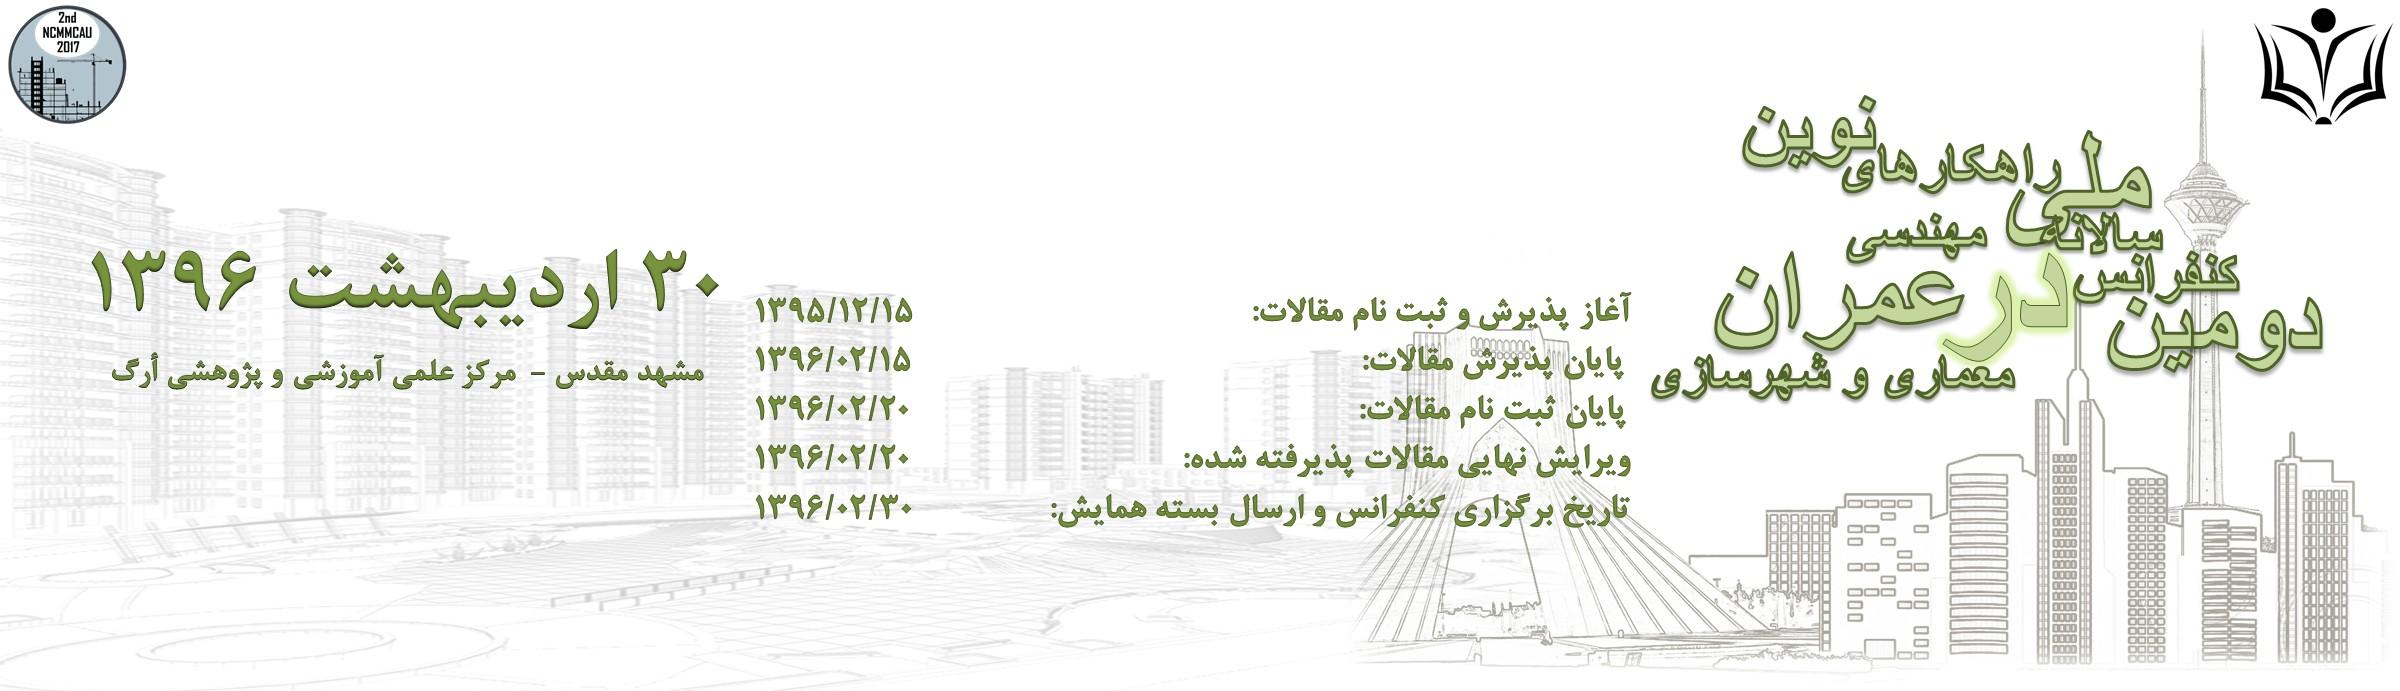 دومین کنفرانس سالانه ملی راهکارهی نوین در مهندسی عمران معماری و شهرسازی